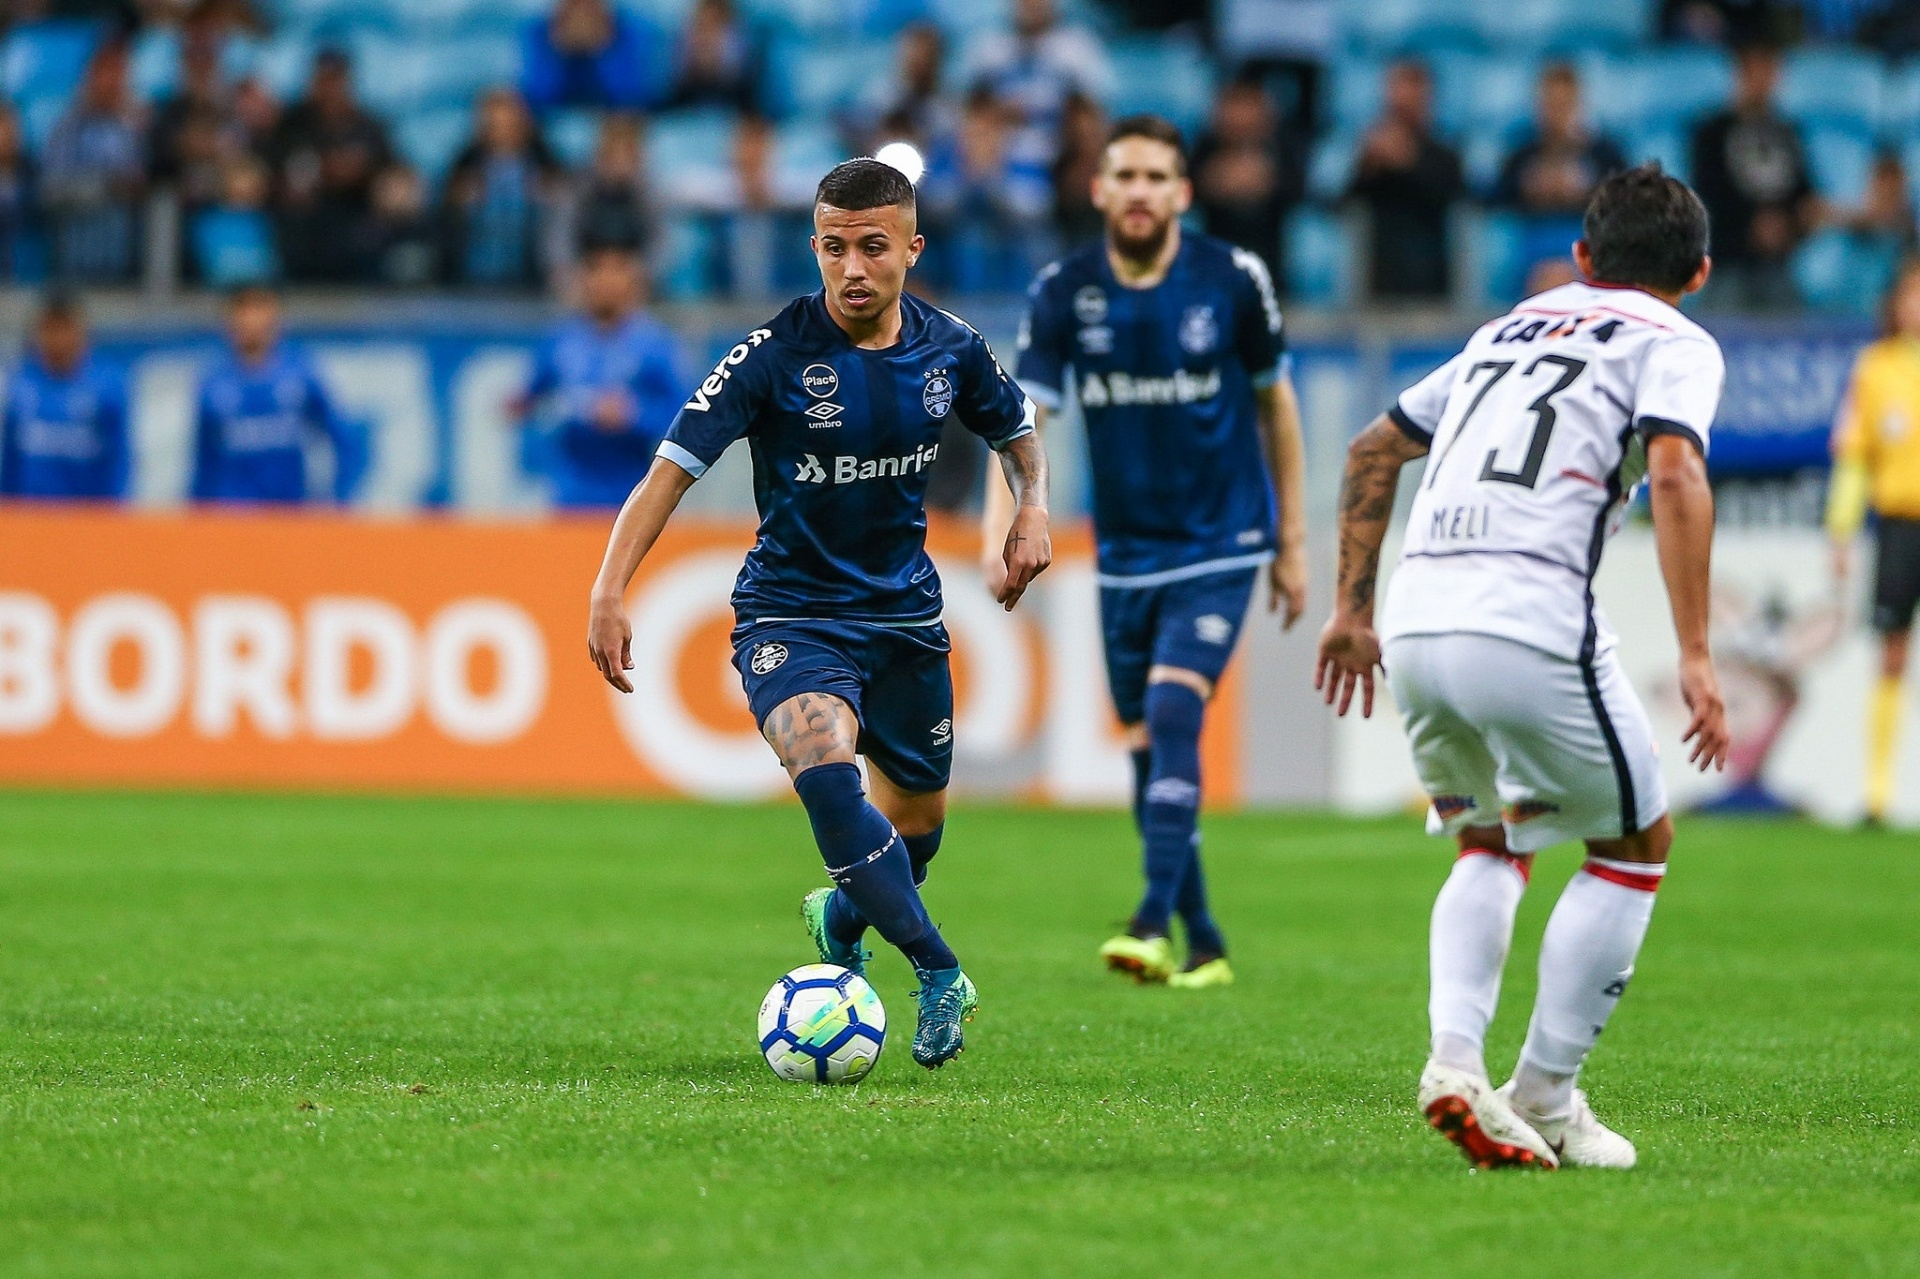 Grêmio confirma inscrição de Jean Pyerre e M. Henrique na Libertadores -  13 09 2018 - UOL Esporte 81374c7a23649